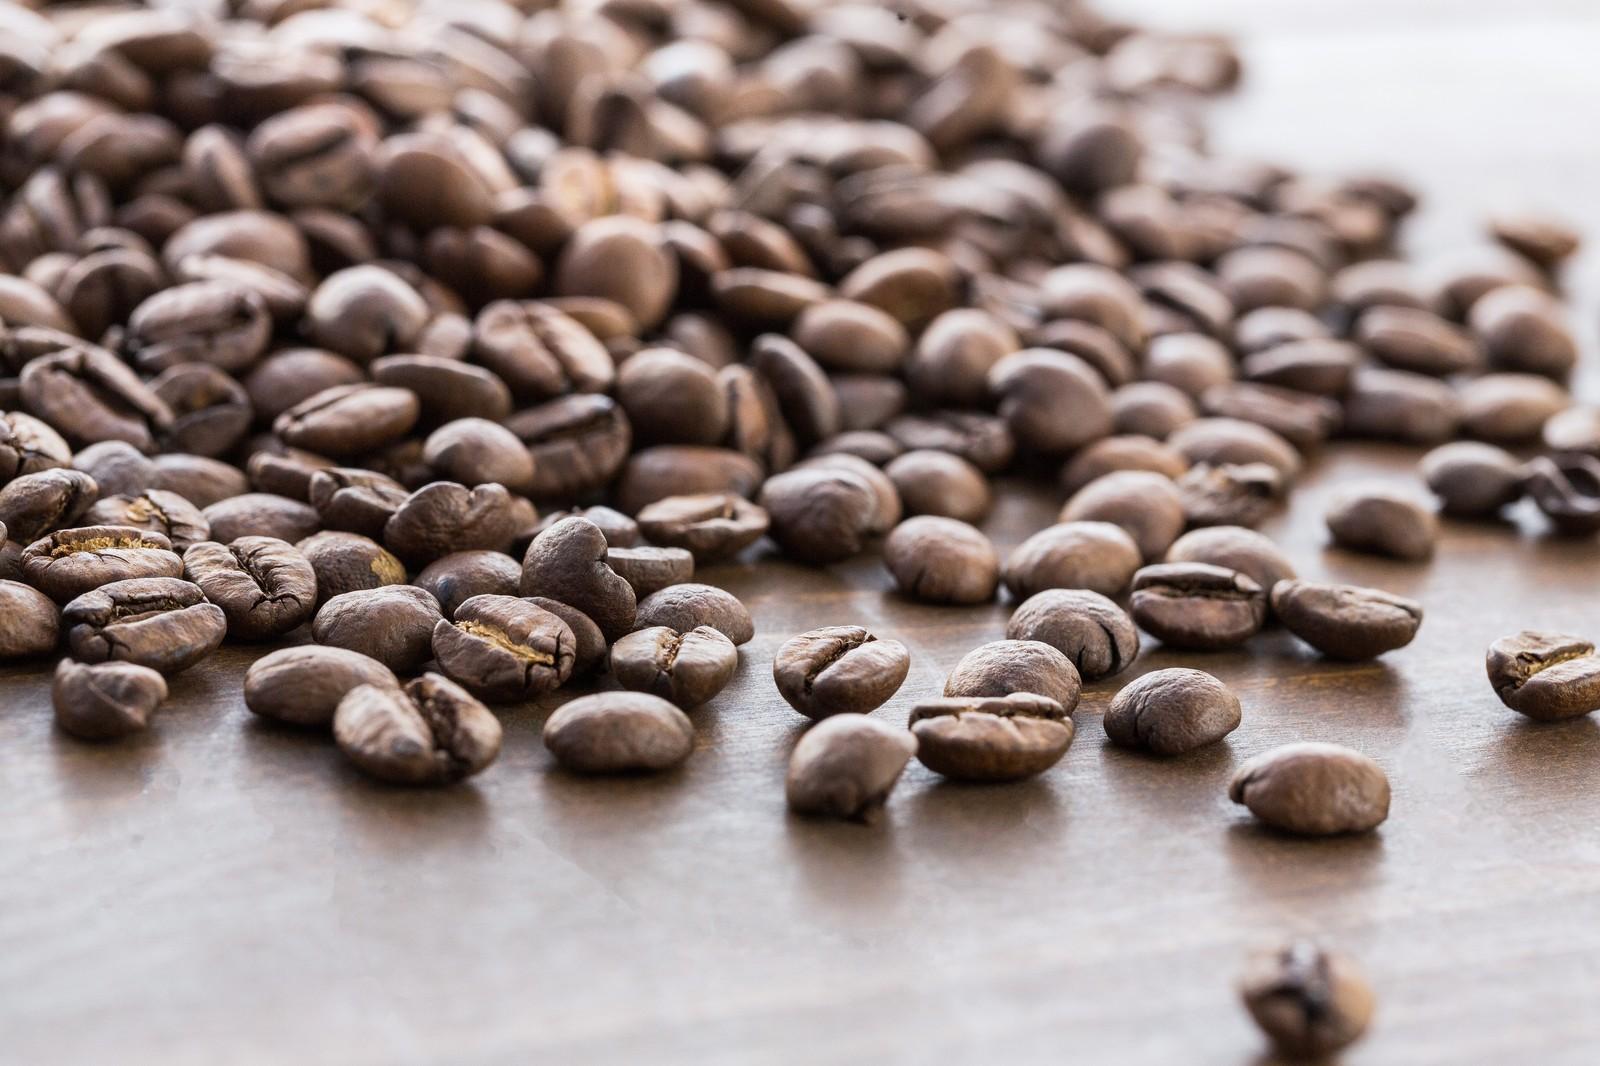 コーヒーカスで草退治!金スマのひとり農業で目からうろこ!